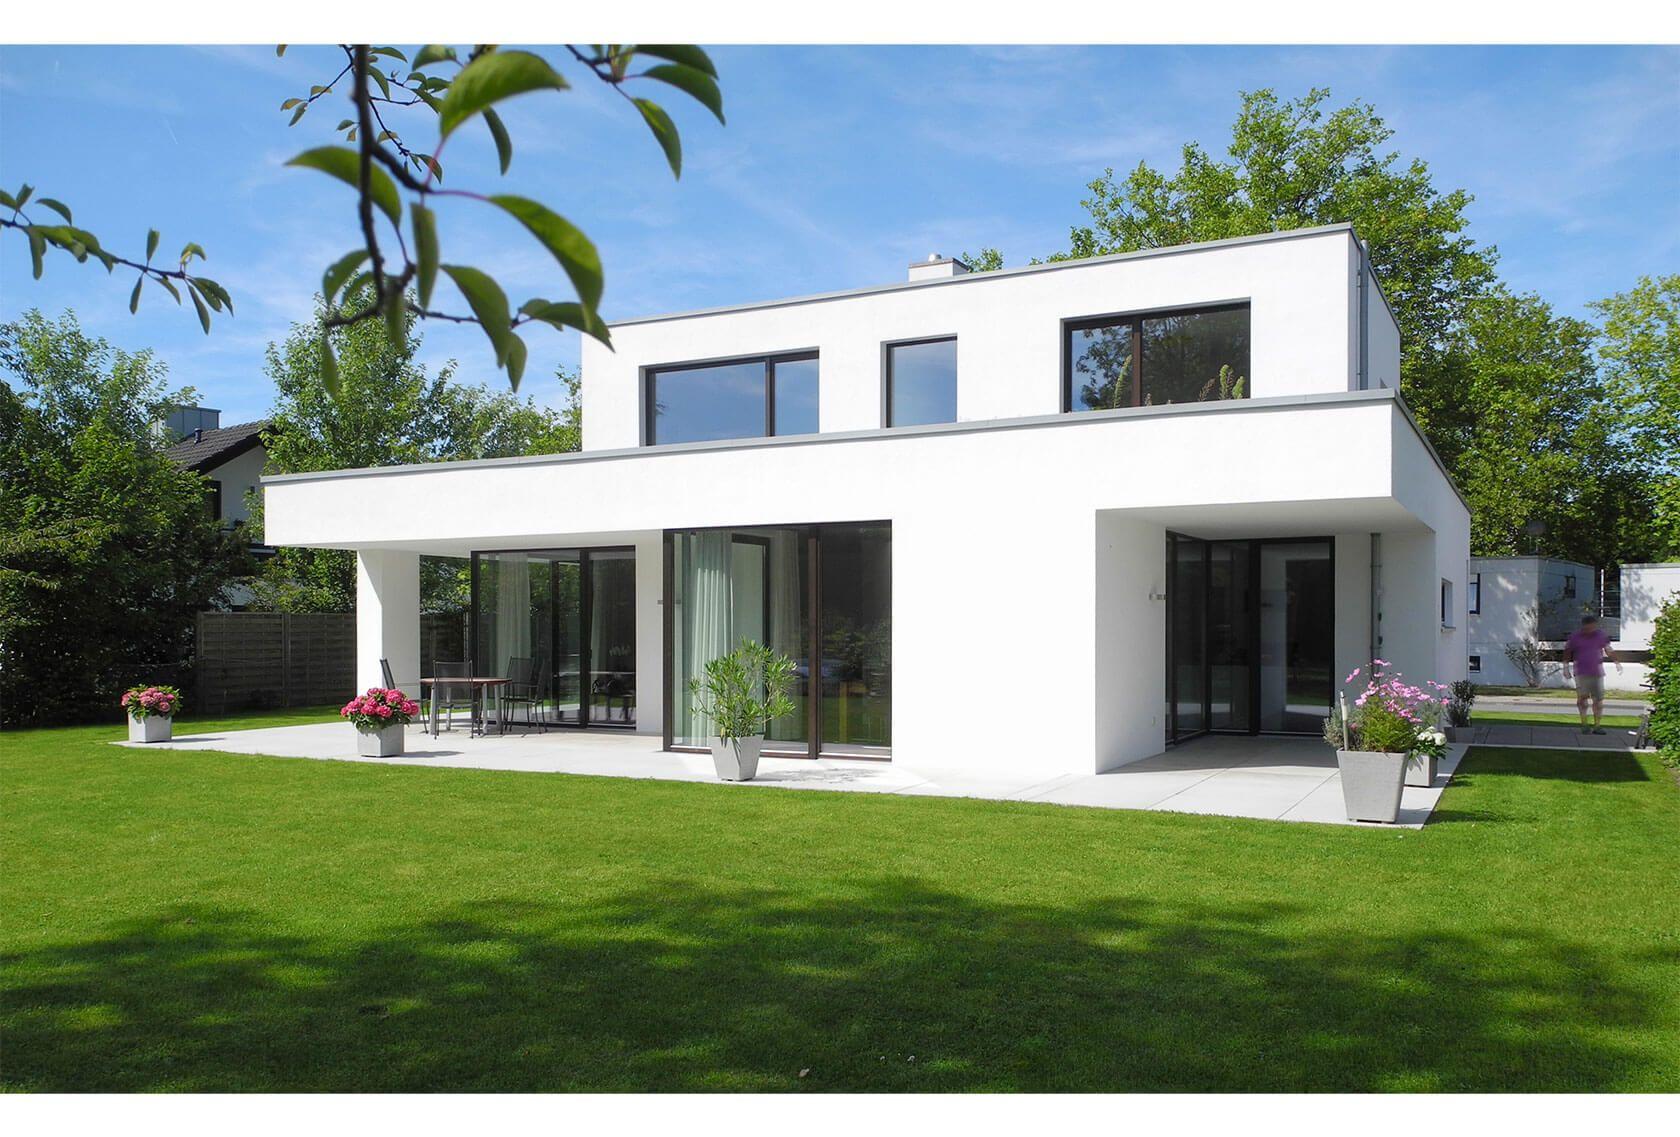 Modernes Haus, Putzfassade, Staffelgeschoss, Rheda-Wiedenbrück ...